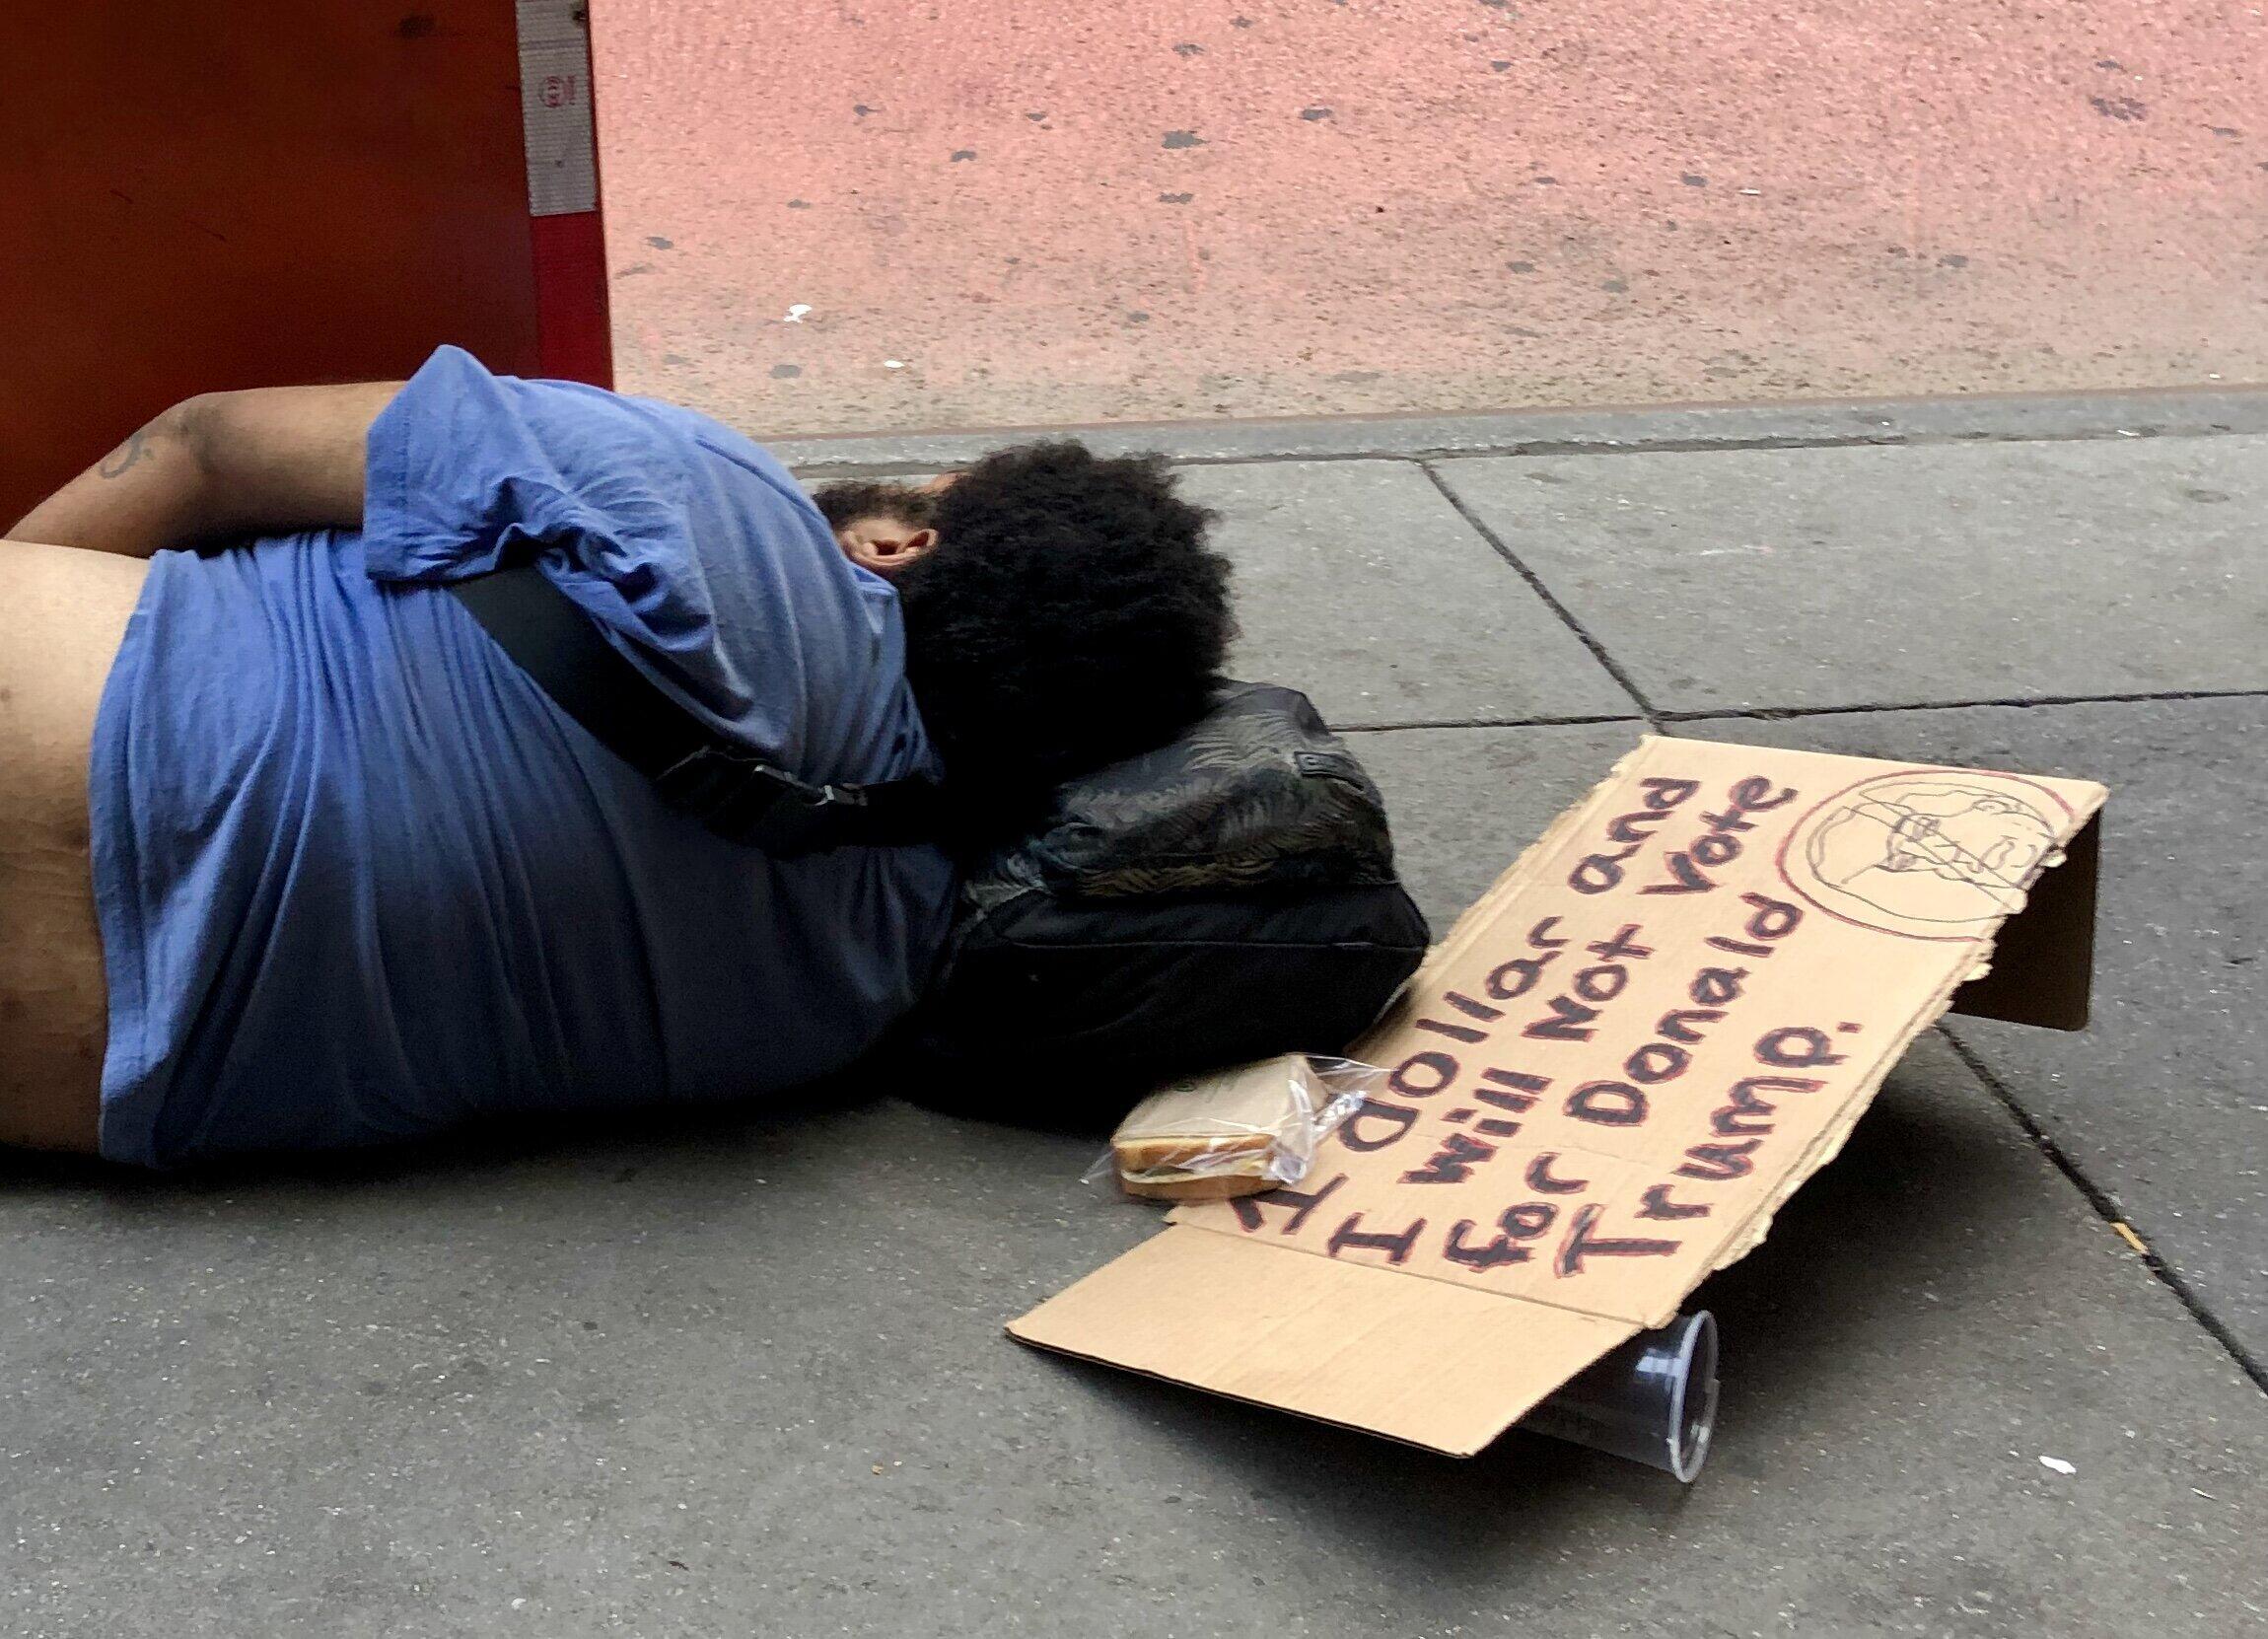 岡田光世「トランプのアメリカ」で暮らす人たち<br />コロナ禍で急増するホームレスの現実